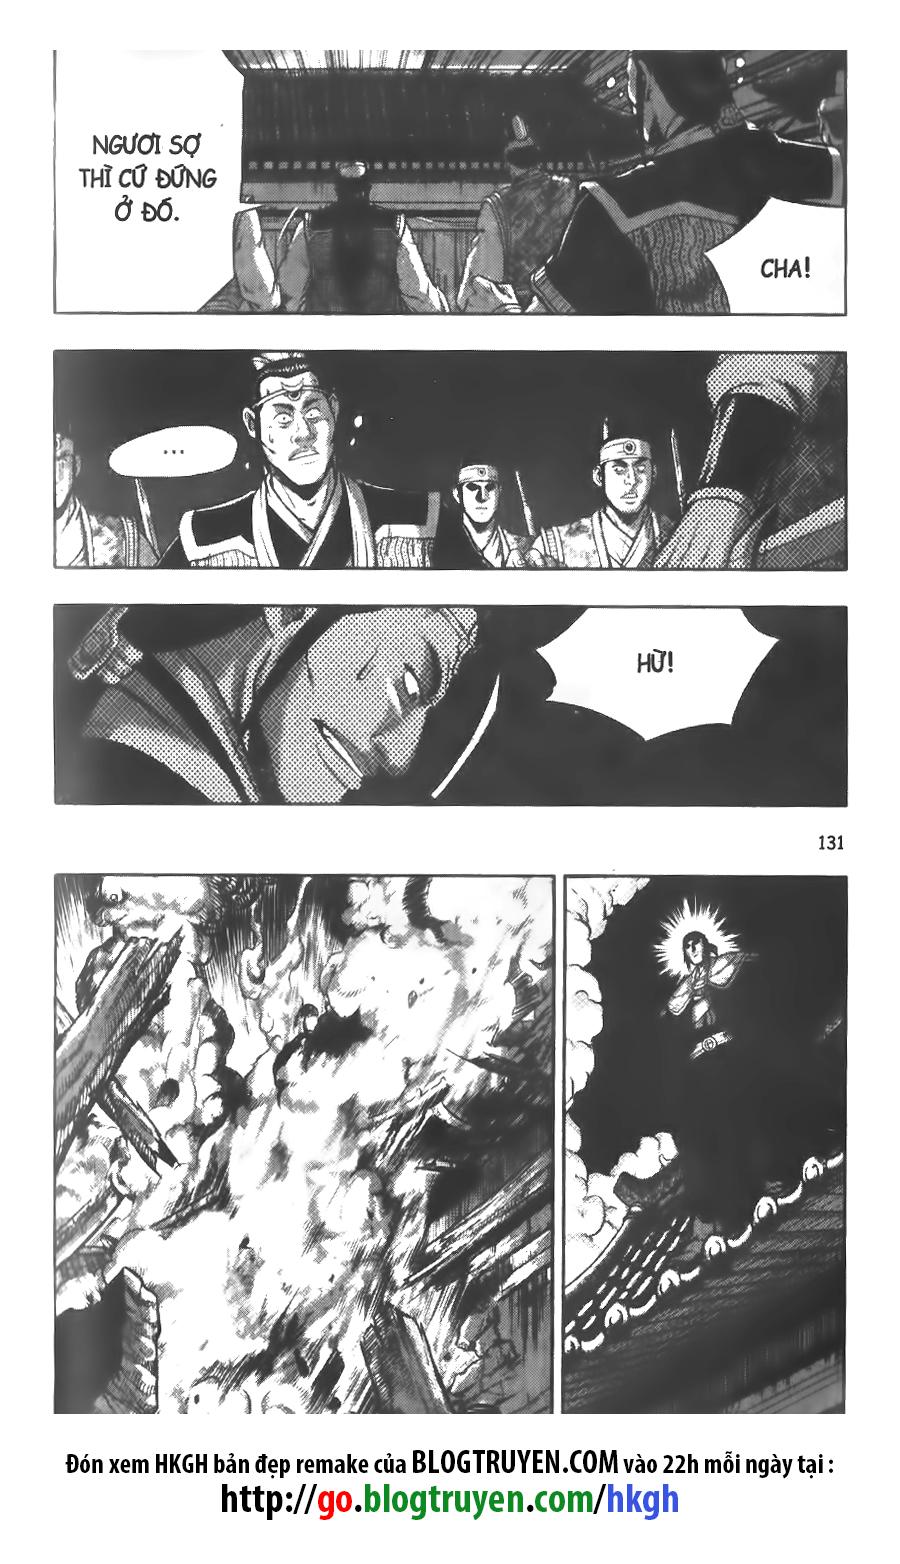 xem truyen moi - Hiệp Khách Giang Hồ Vol48 - Chap 337 - Remake